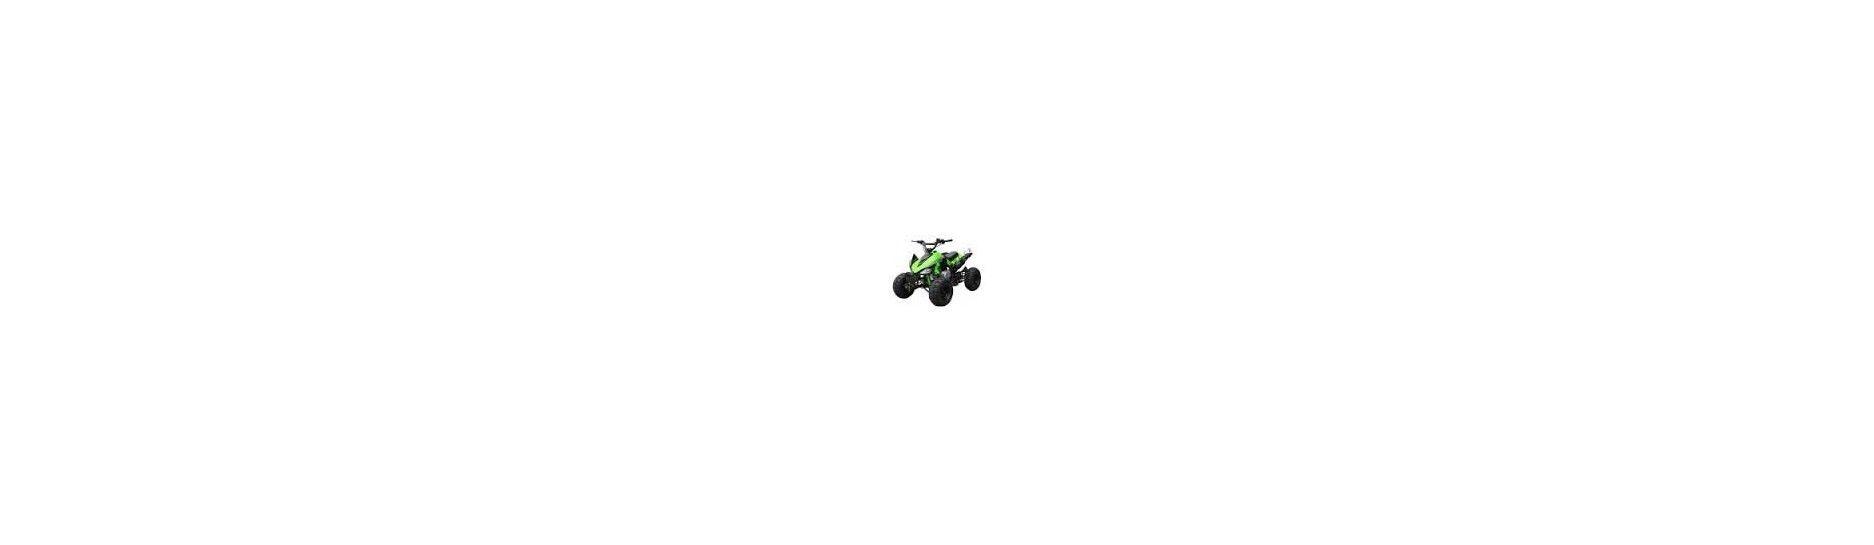 Dětské čtyřkolky, dětské motorové čtyřkolky